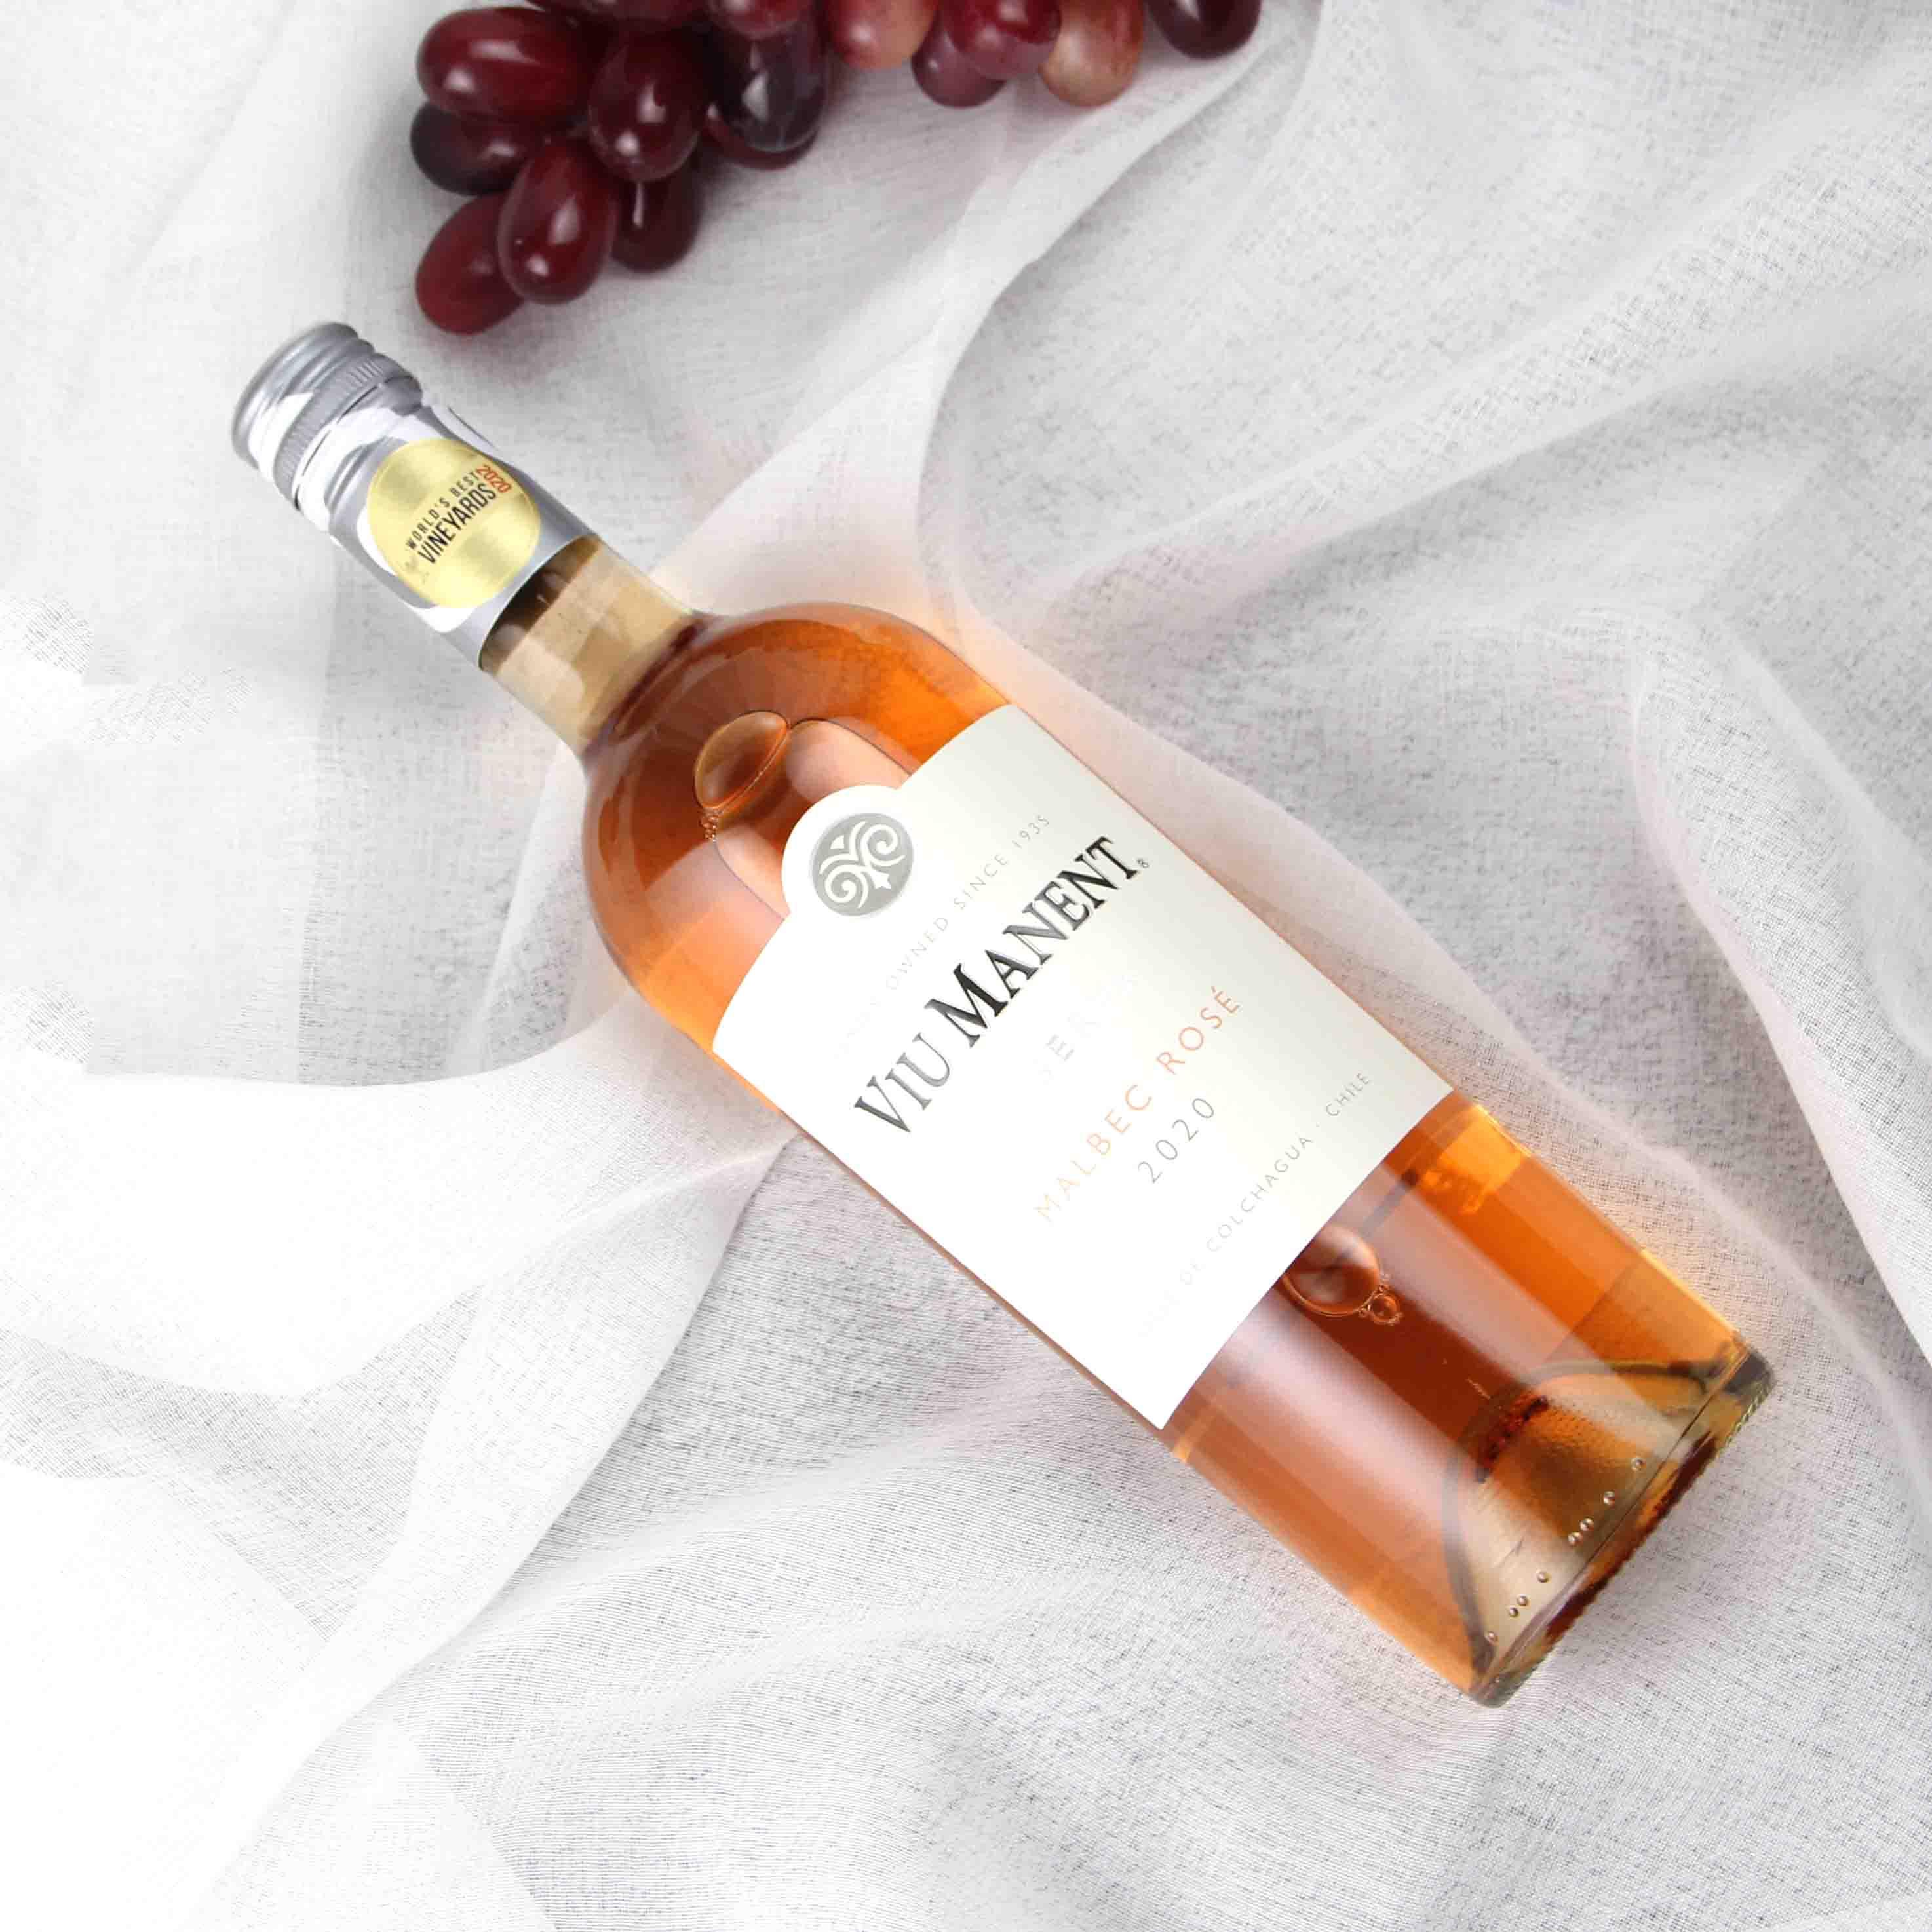 智利科尔查加瓜谷威马珍藏马尔贝克桃红葡萄酒